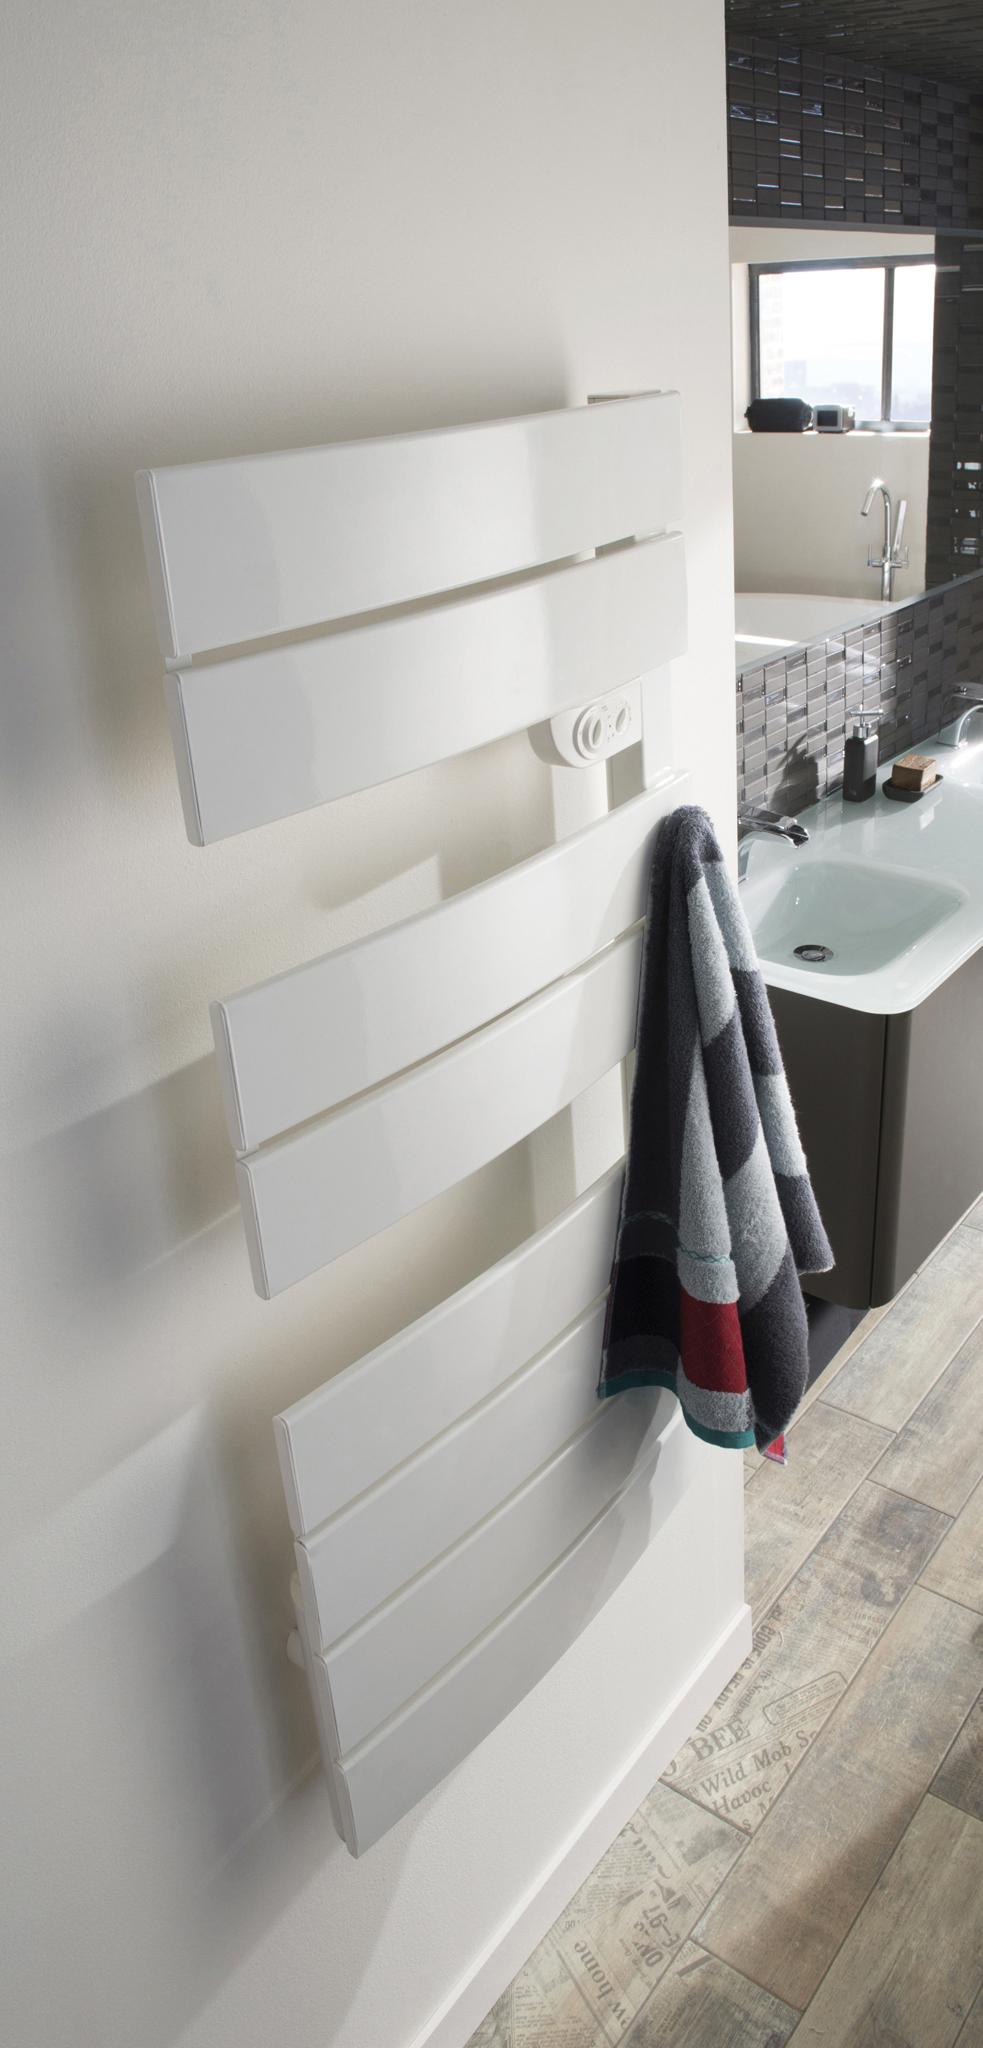 dans la chaleur des serviettes lorraine magazine. Black Bedroom Furniture Sets. Home Design Ideas